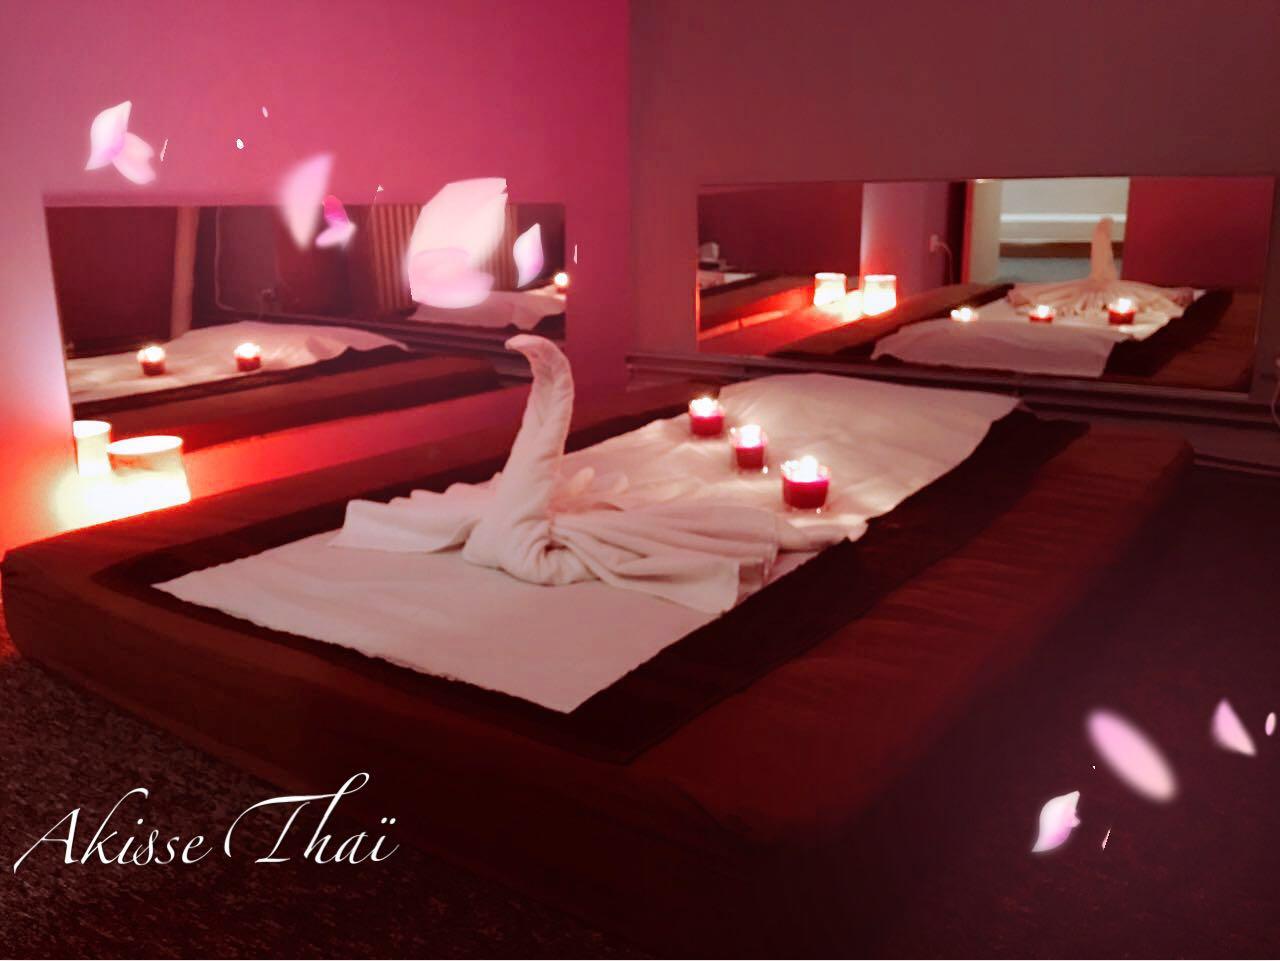 Akisse tha spa massages naturistes et sensuels paris - Salon de massage avec finition a paris ...